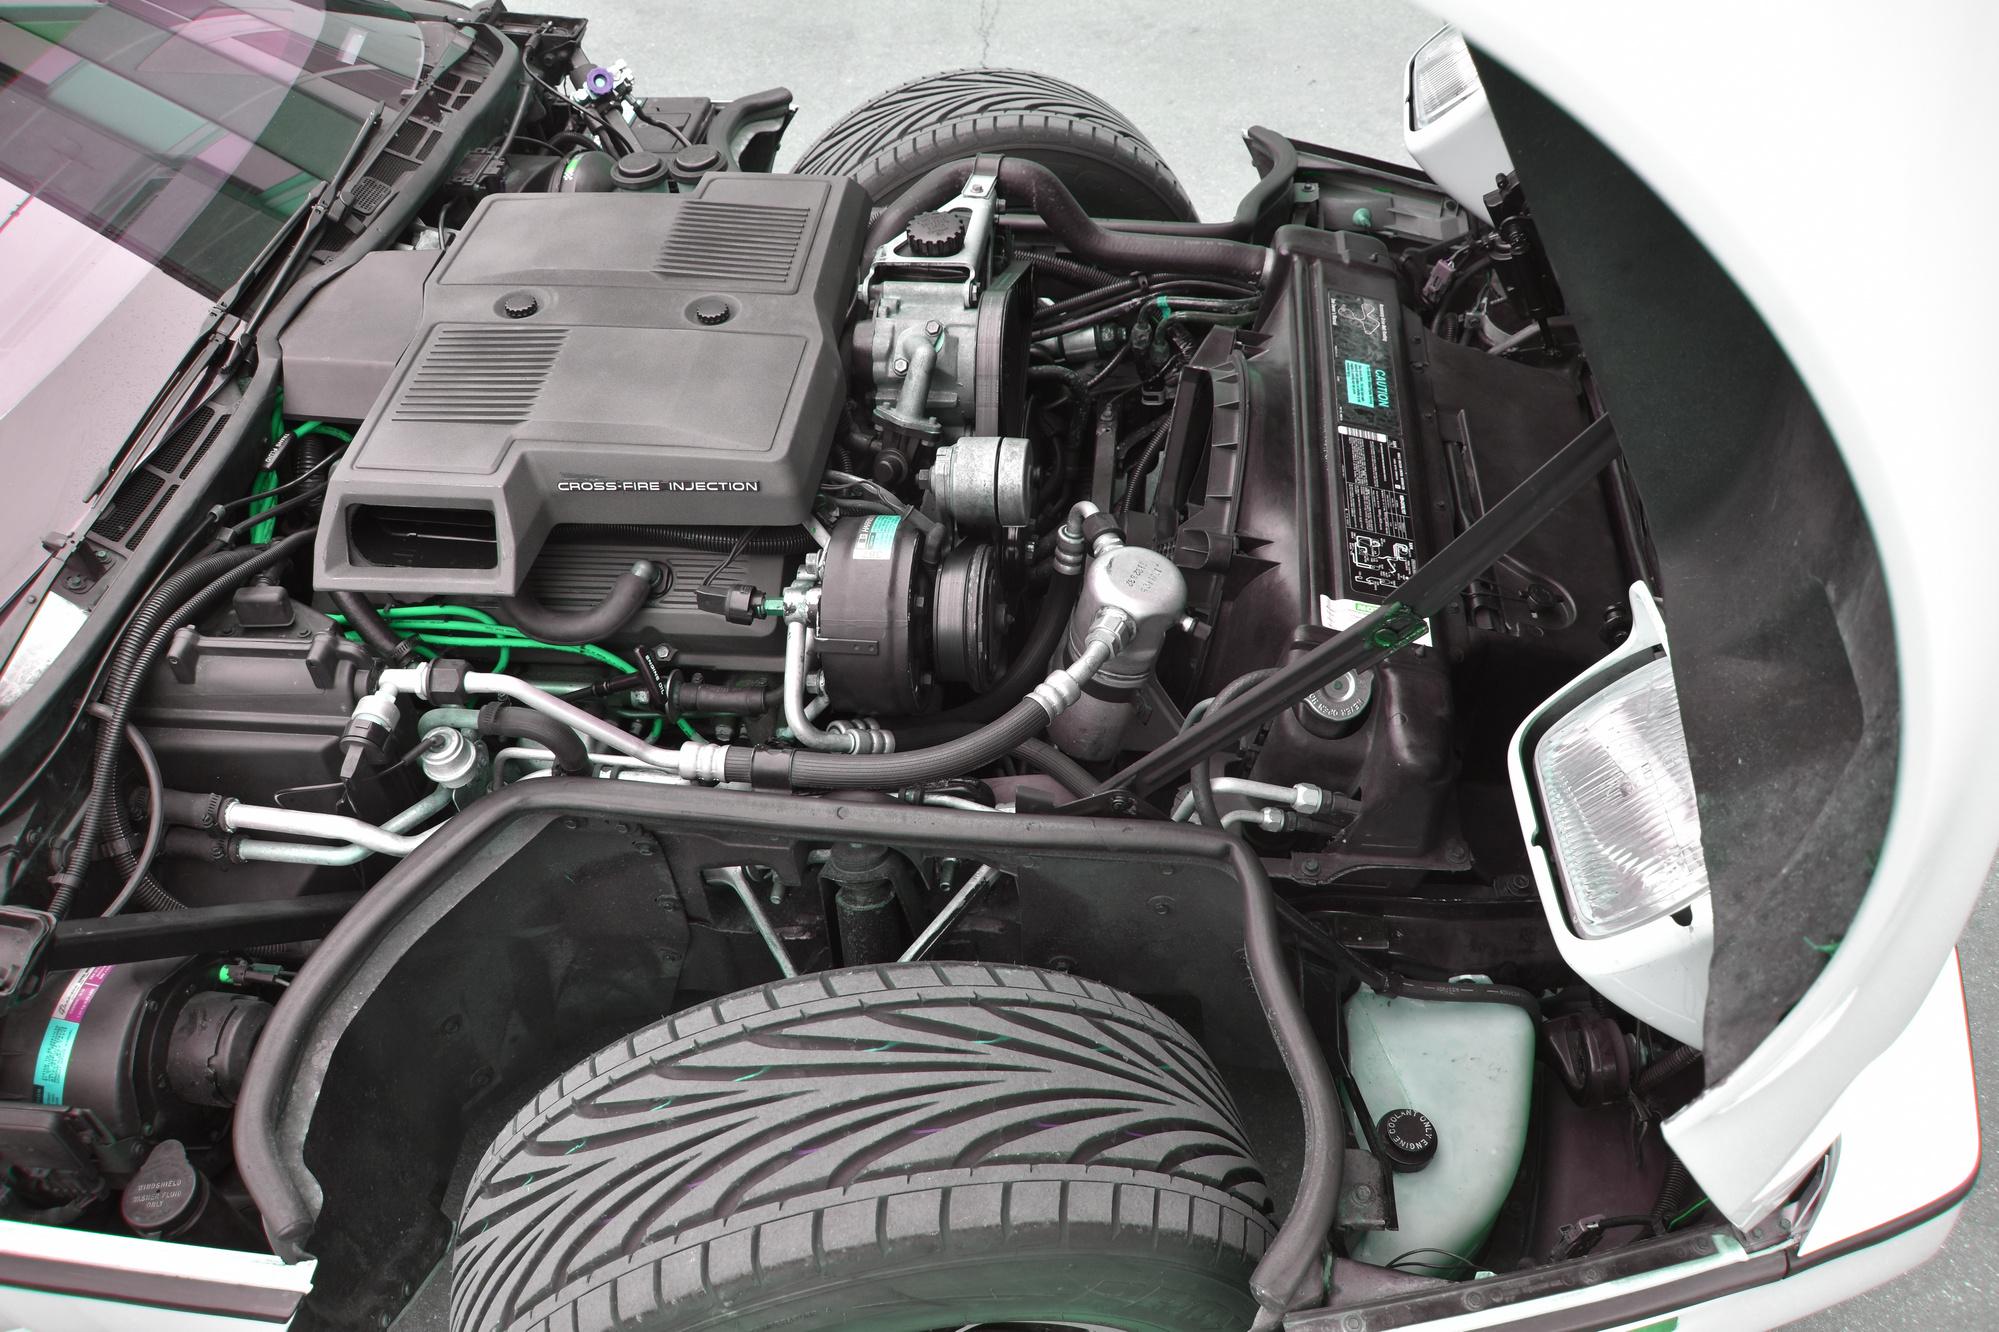 Motor einer weissen Chevrolet Corvette C4 Targa 350 cuin 5.7 Liter aus dem Jahre 1984